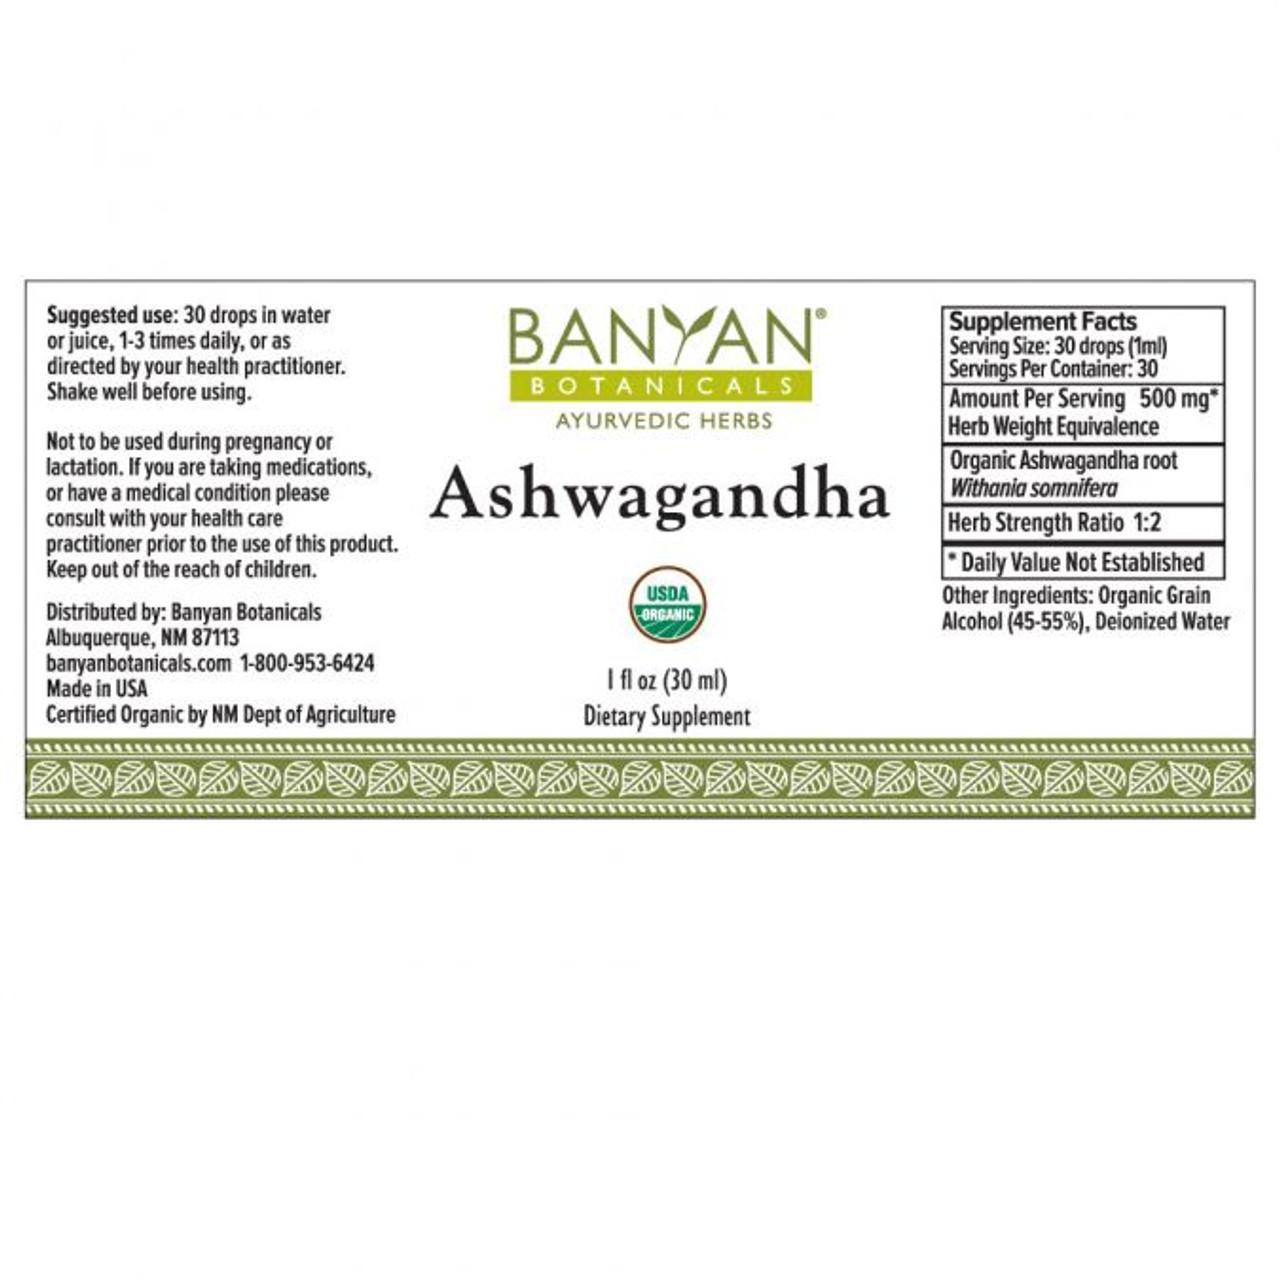 Banyan Botanicals Ashwagandha (Organic) Liquid Extract 1 oz ingredients